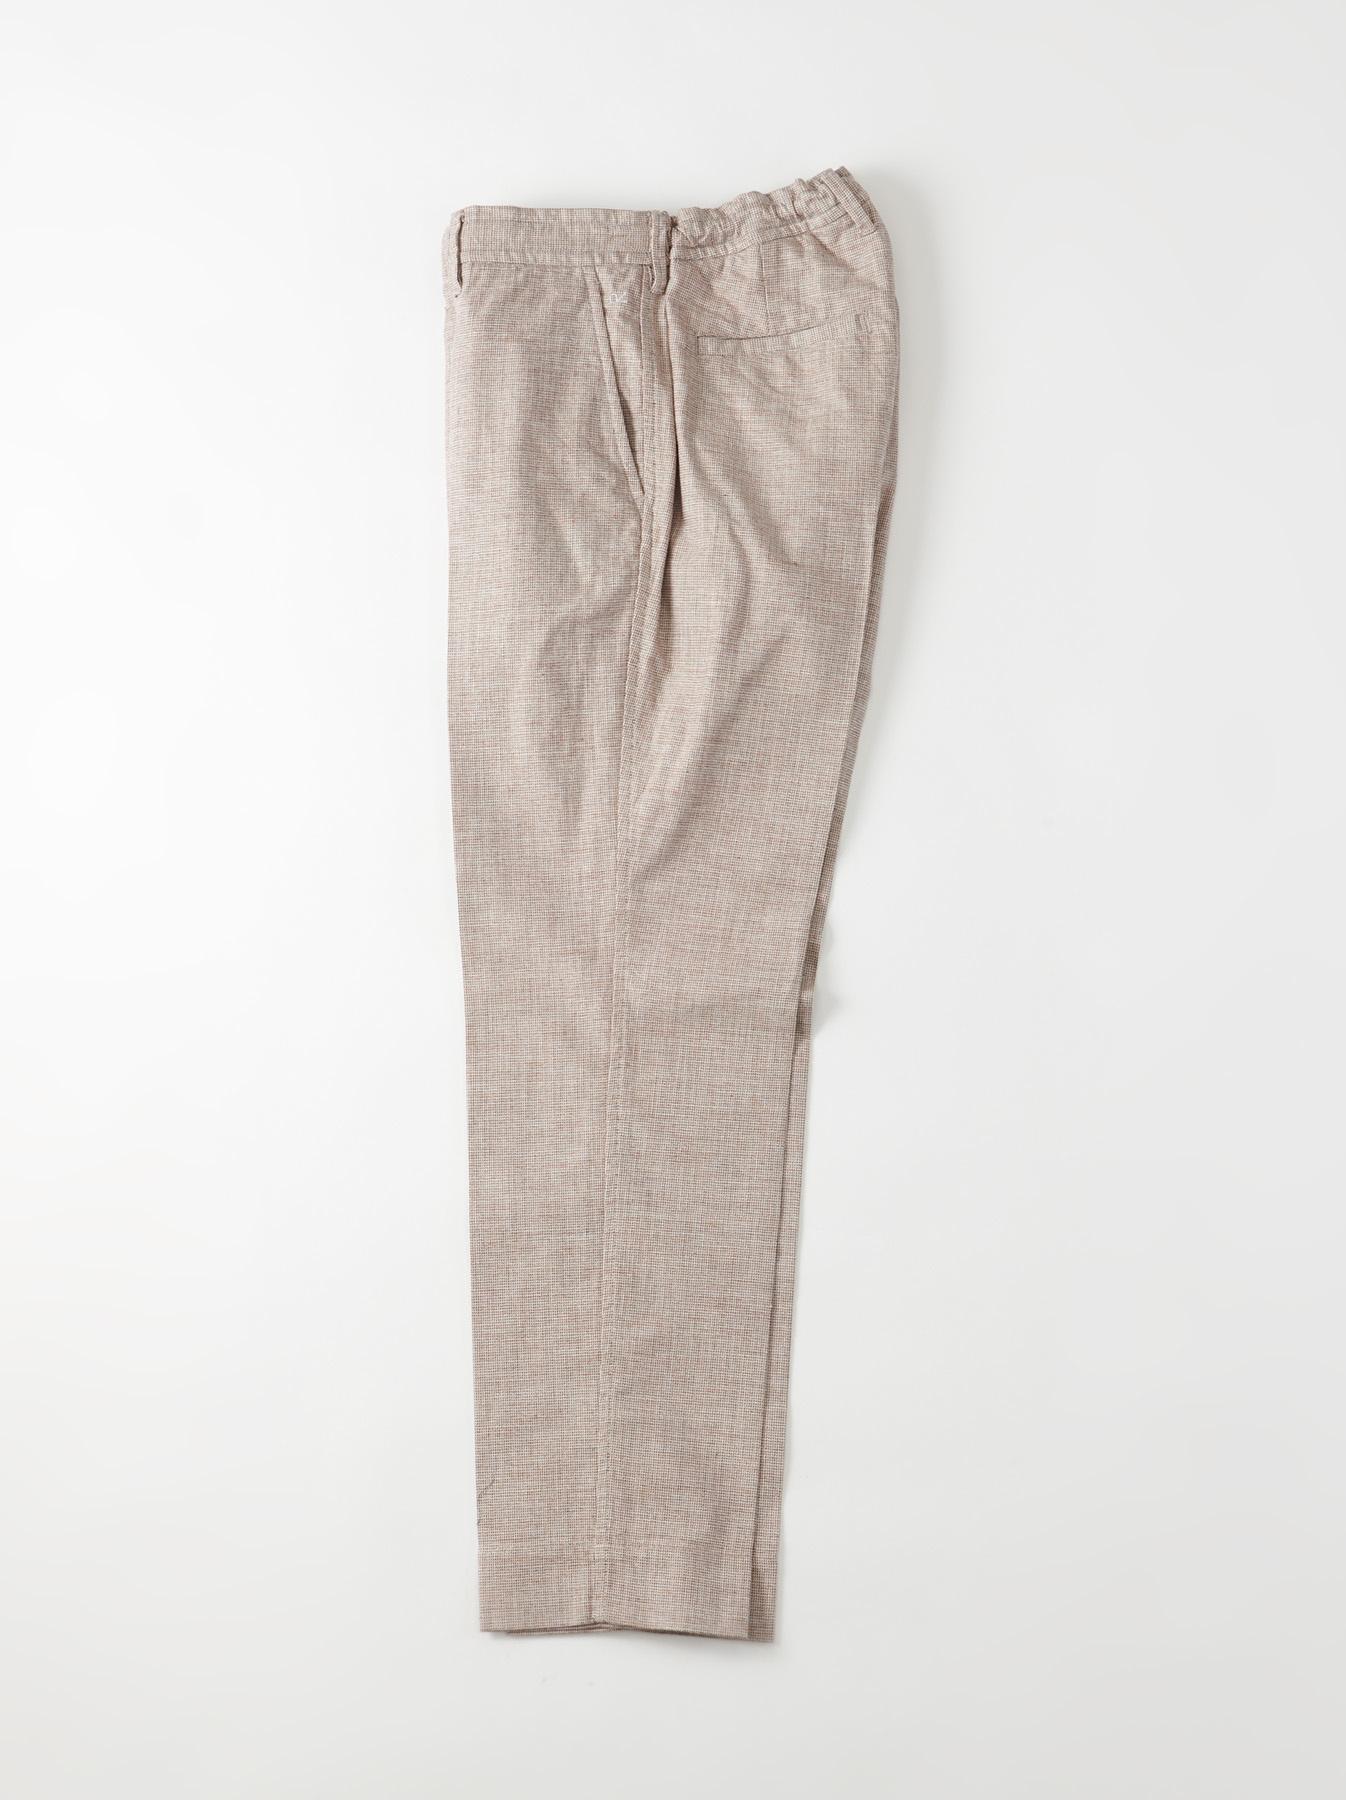 WH Cotton Tweed 908 Easy Slacks-1